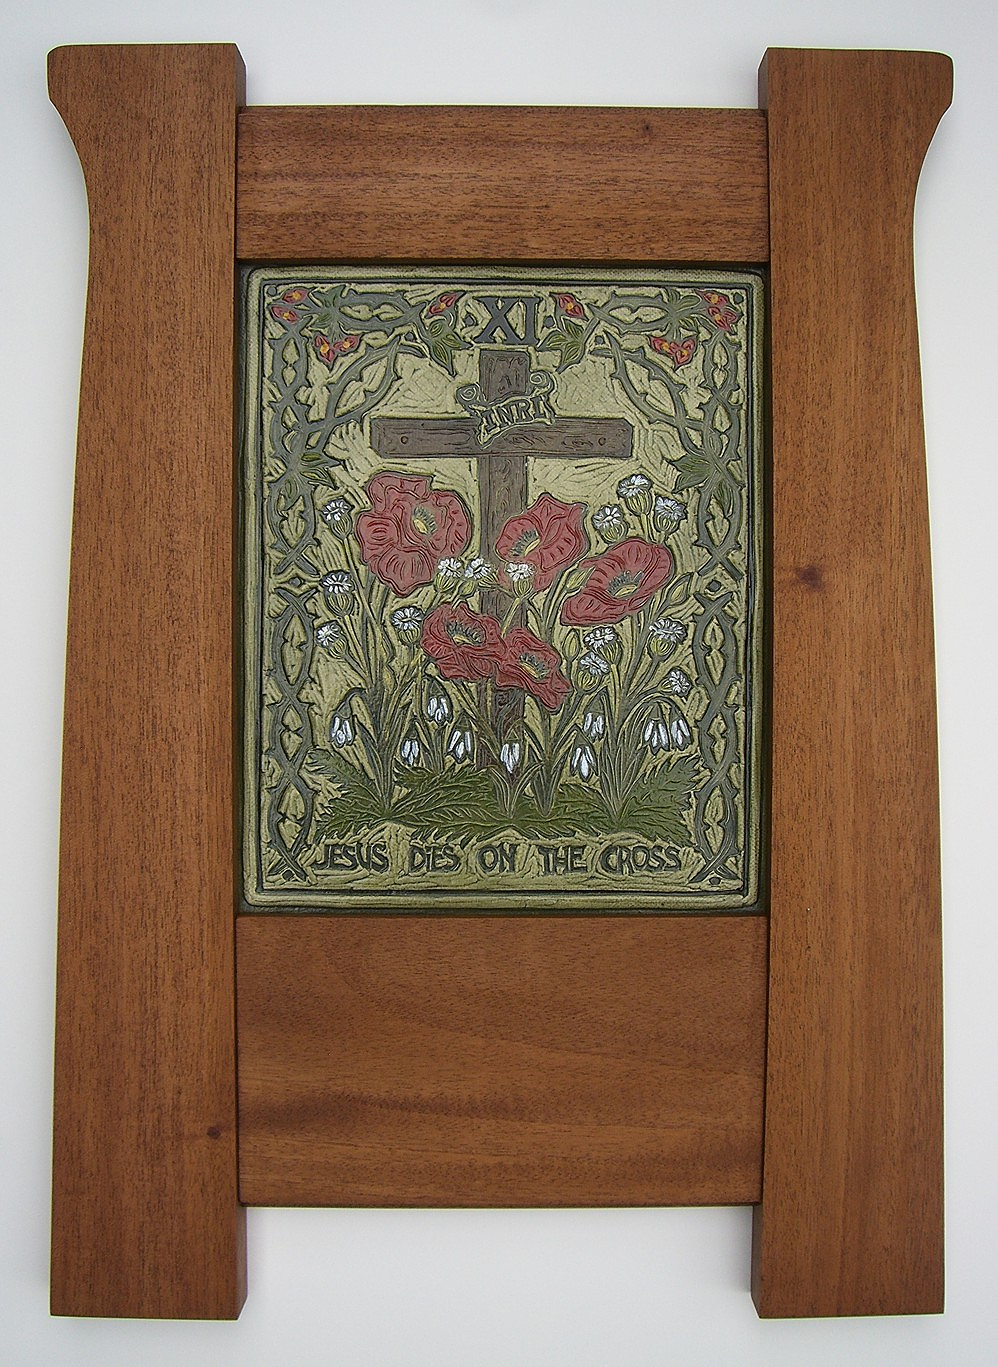 XI - Jesus Dies on the Cross